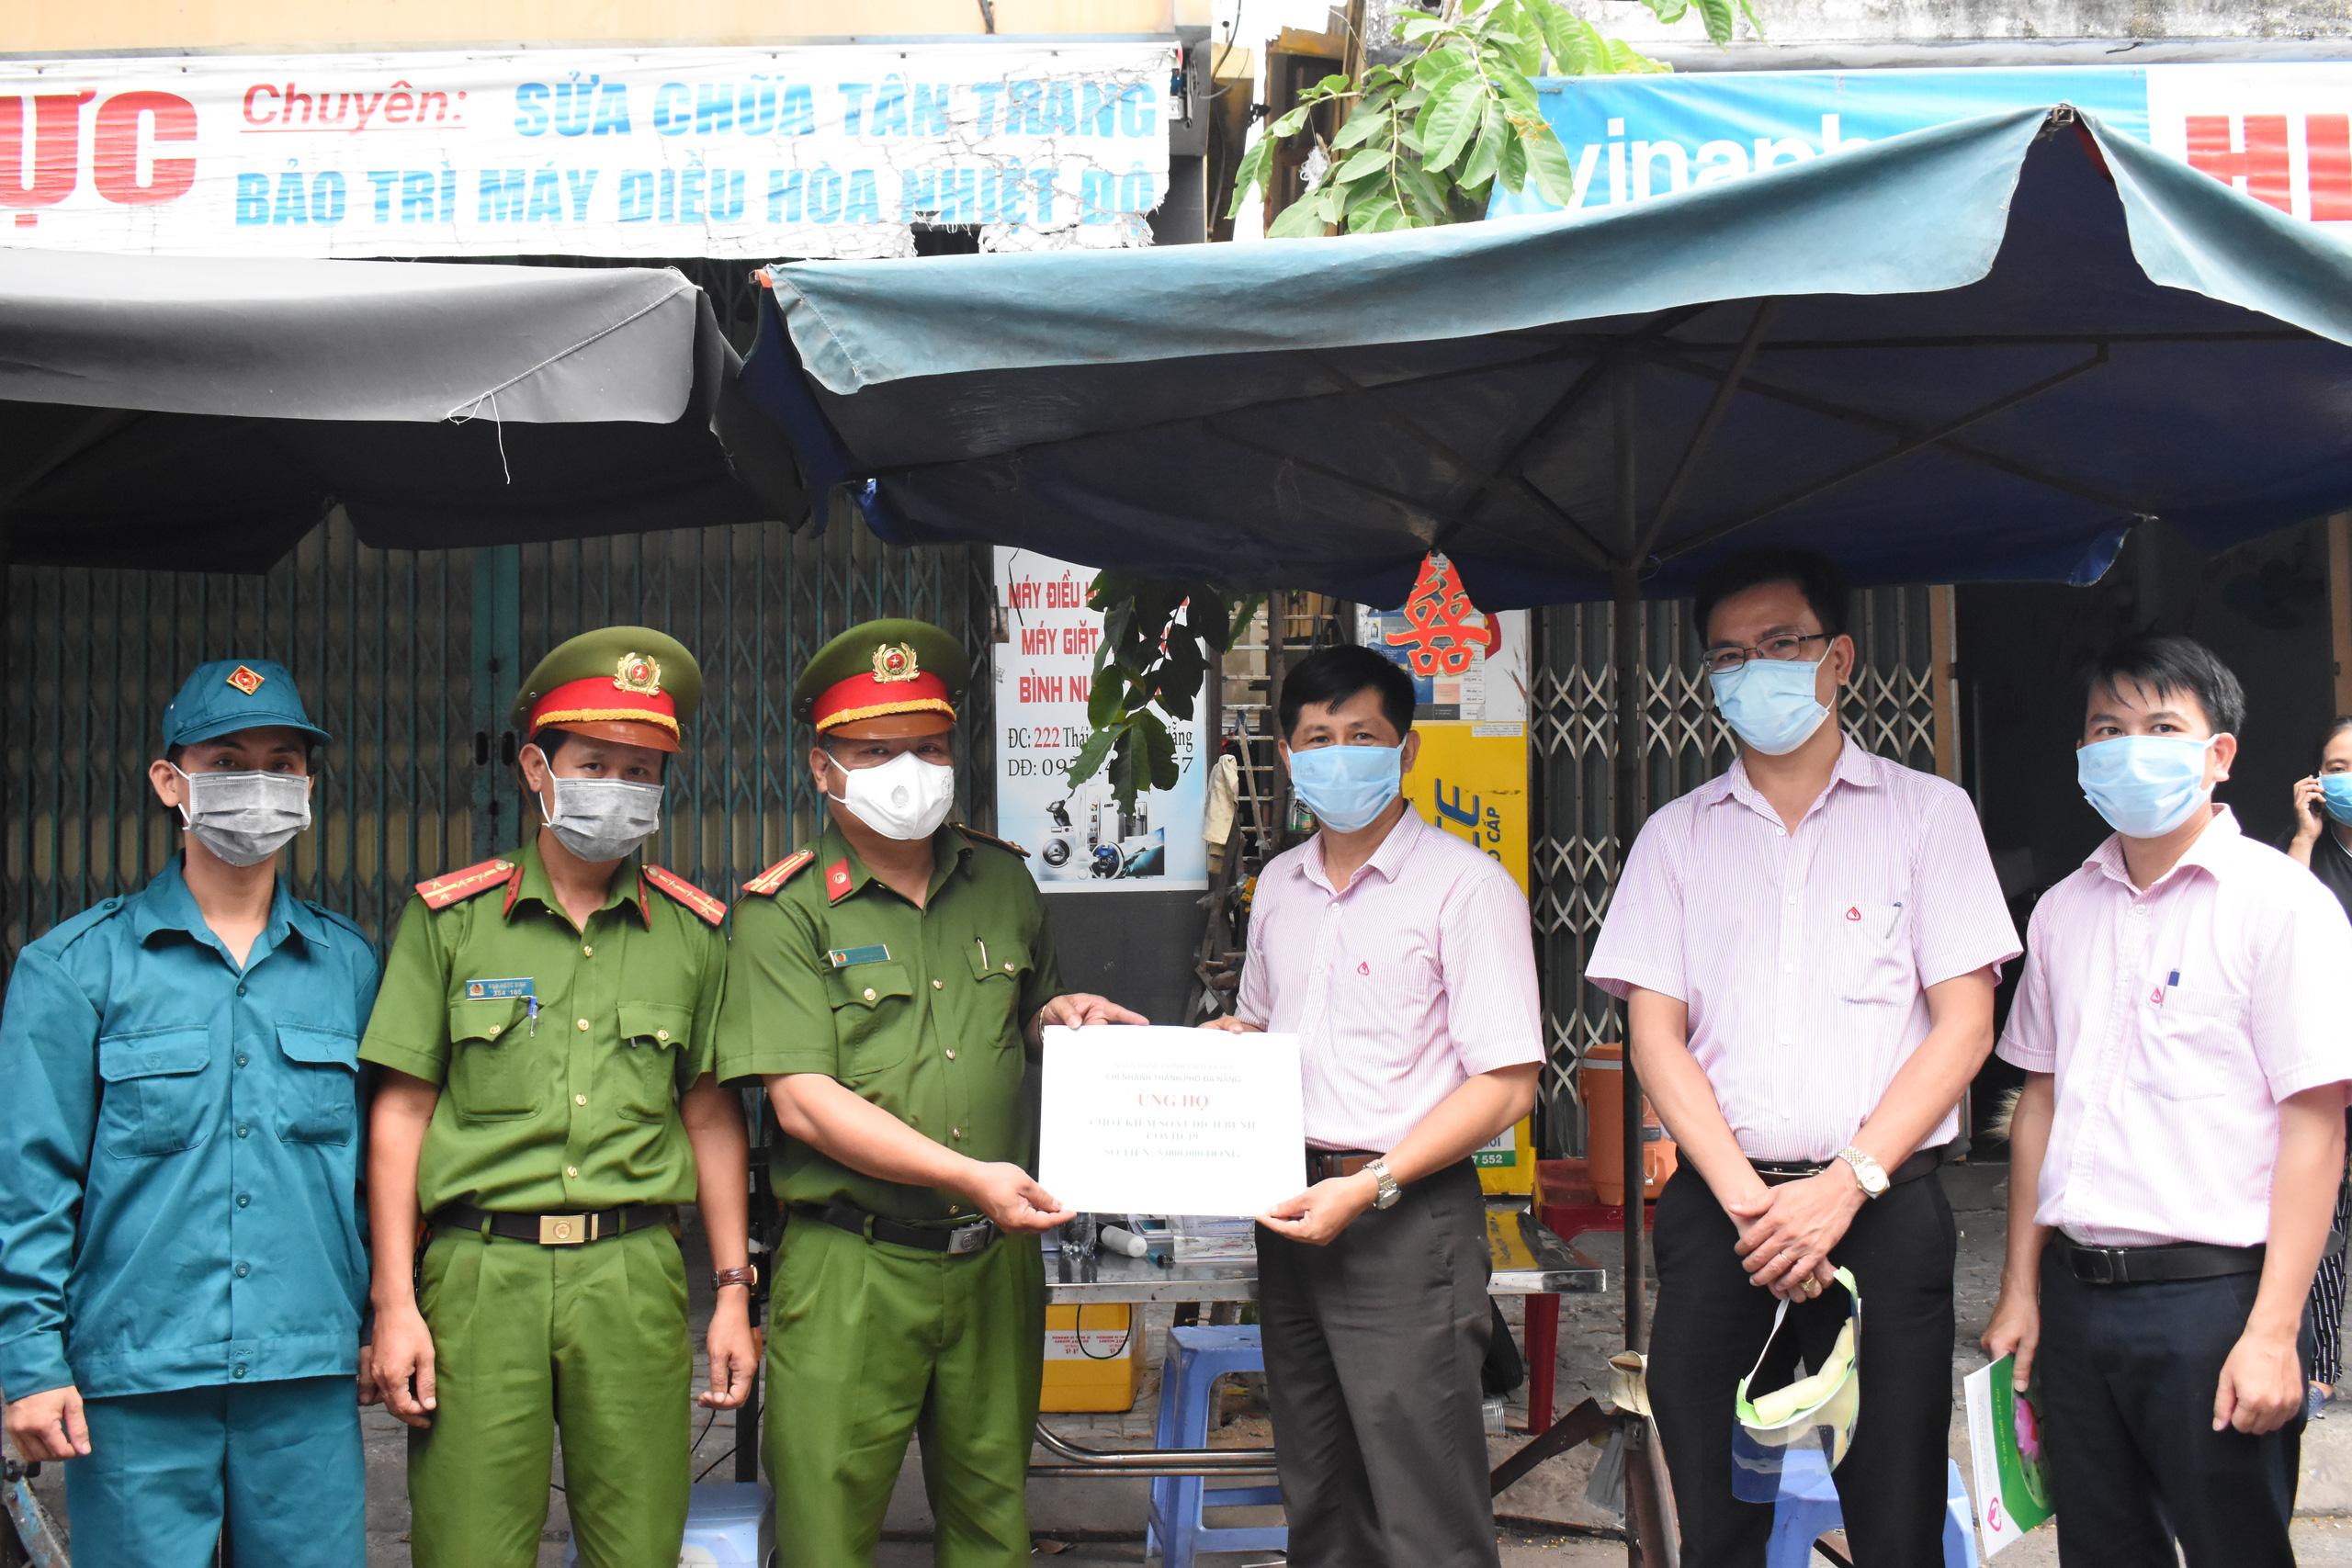 Đà Nẵng: Ngân hàng Chính sách xã hội tiếp sức cho các đơn vị tuyến đầu phòng chống dịch Covid-19 - Ảnh 1.